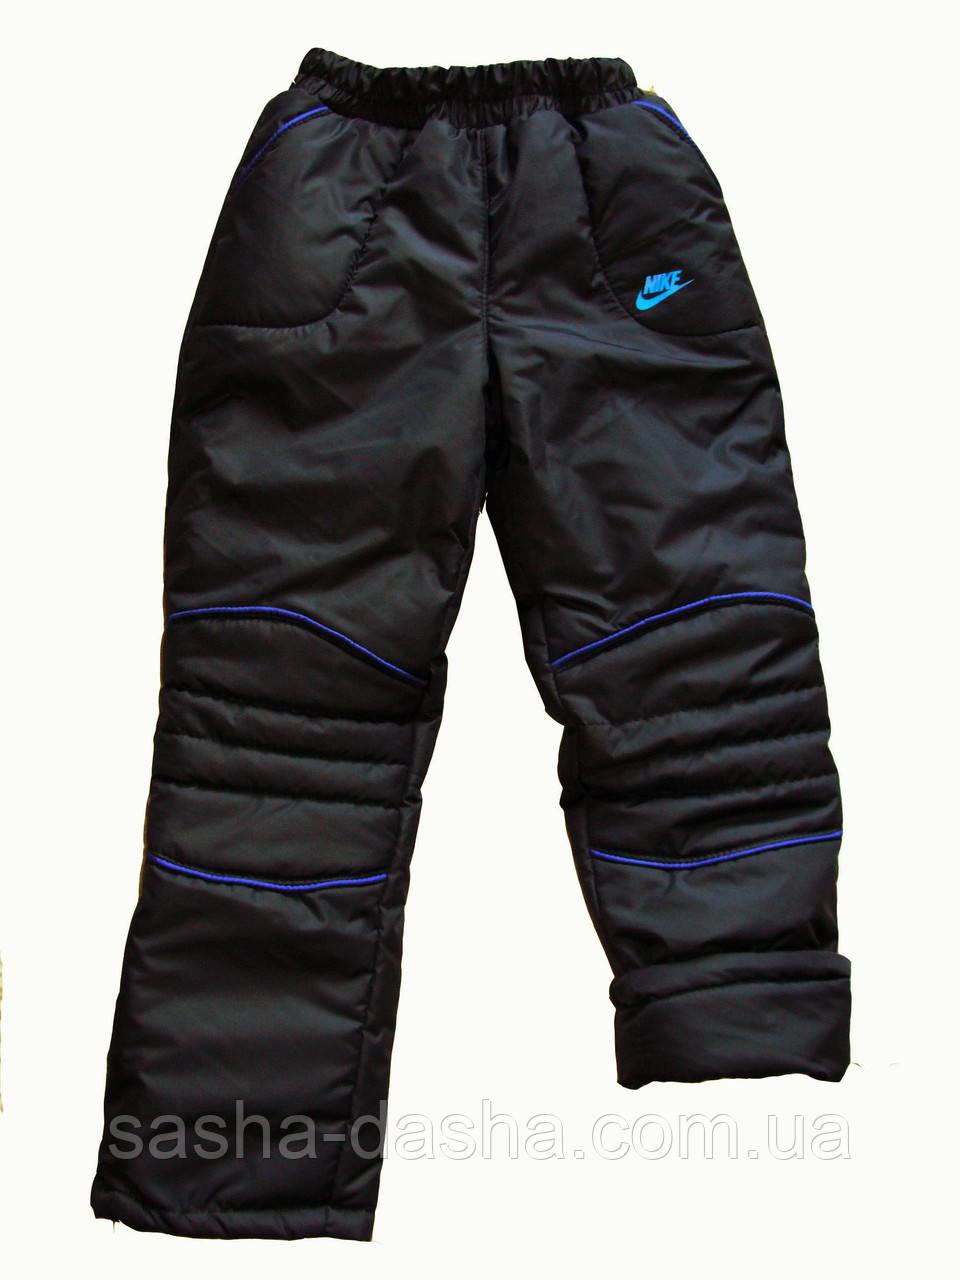 Зимние штаны для мальчиков.